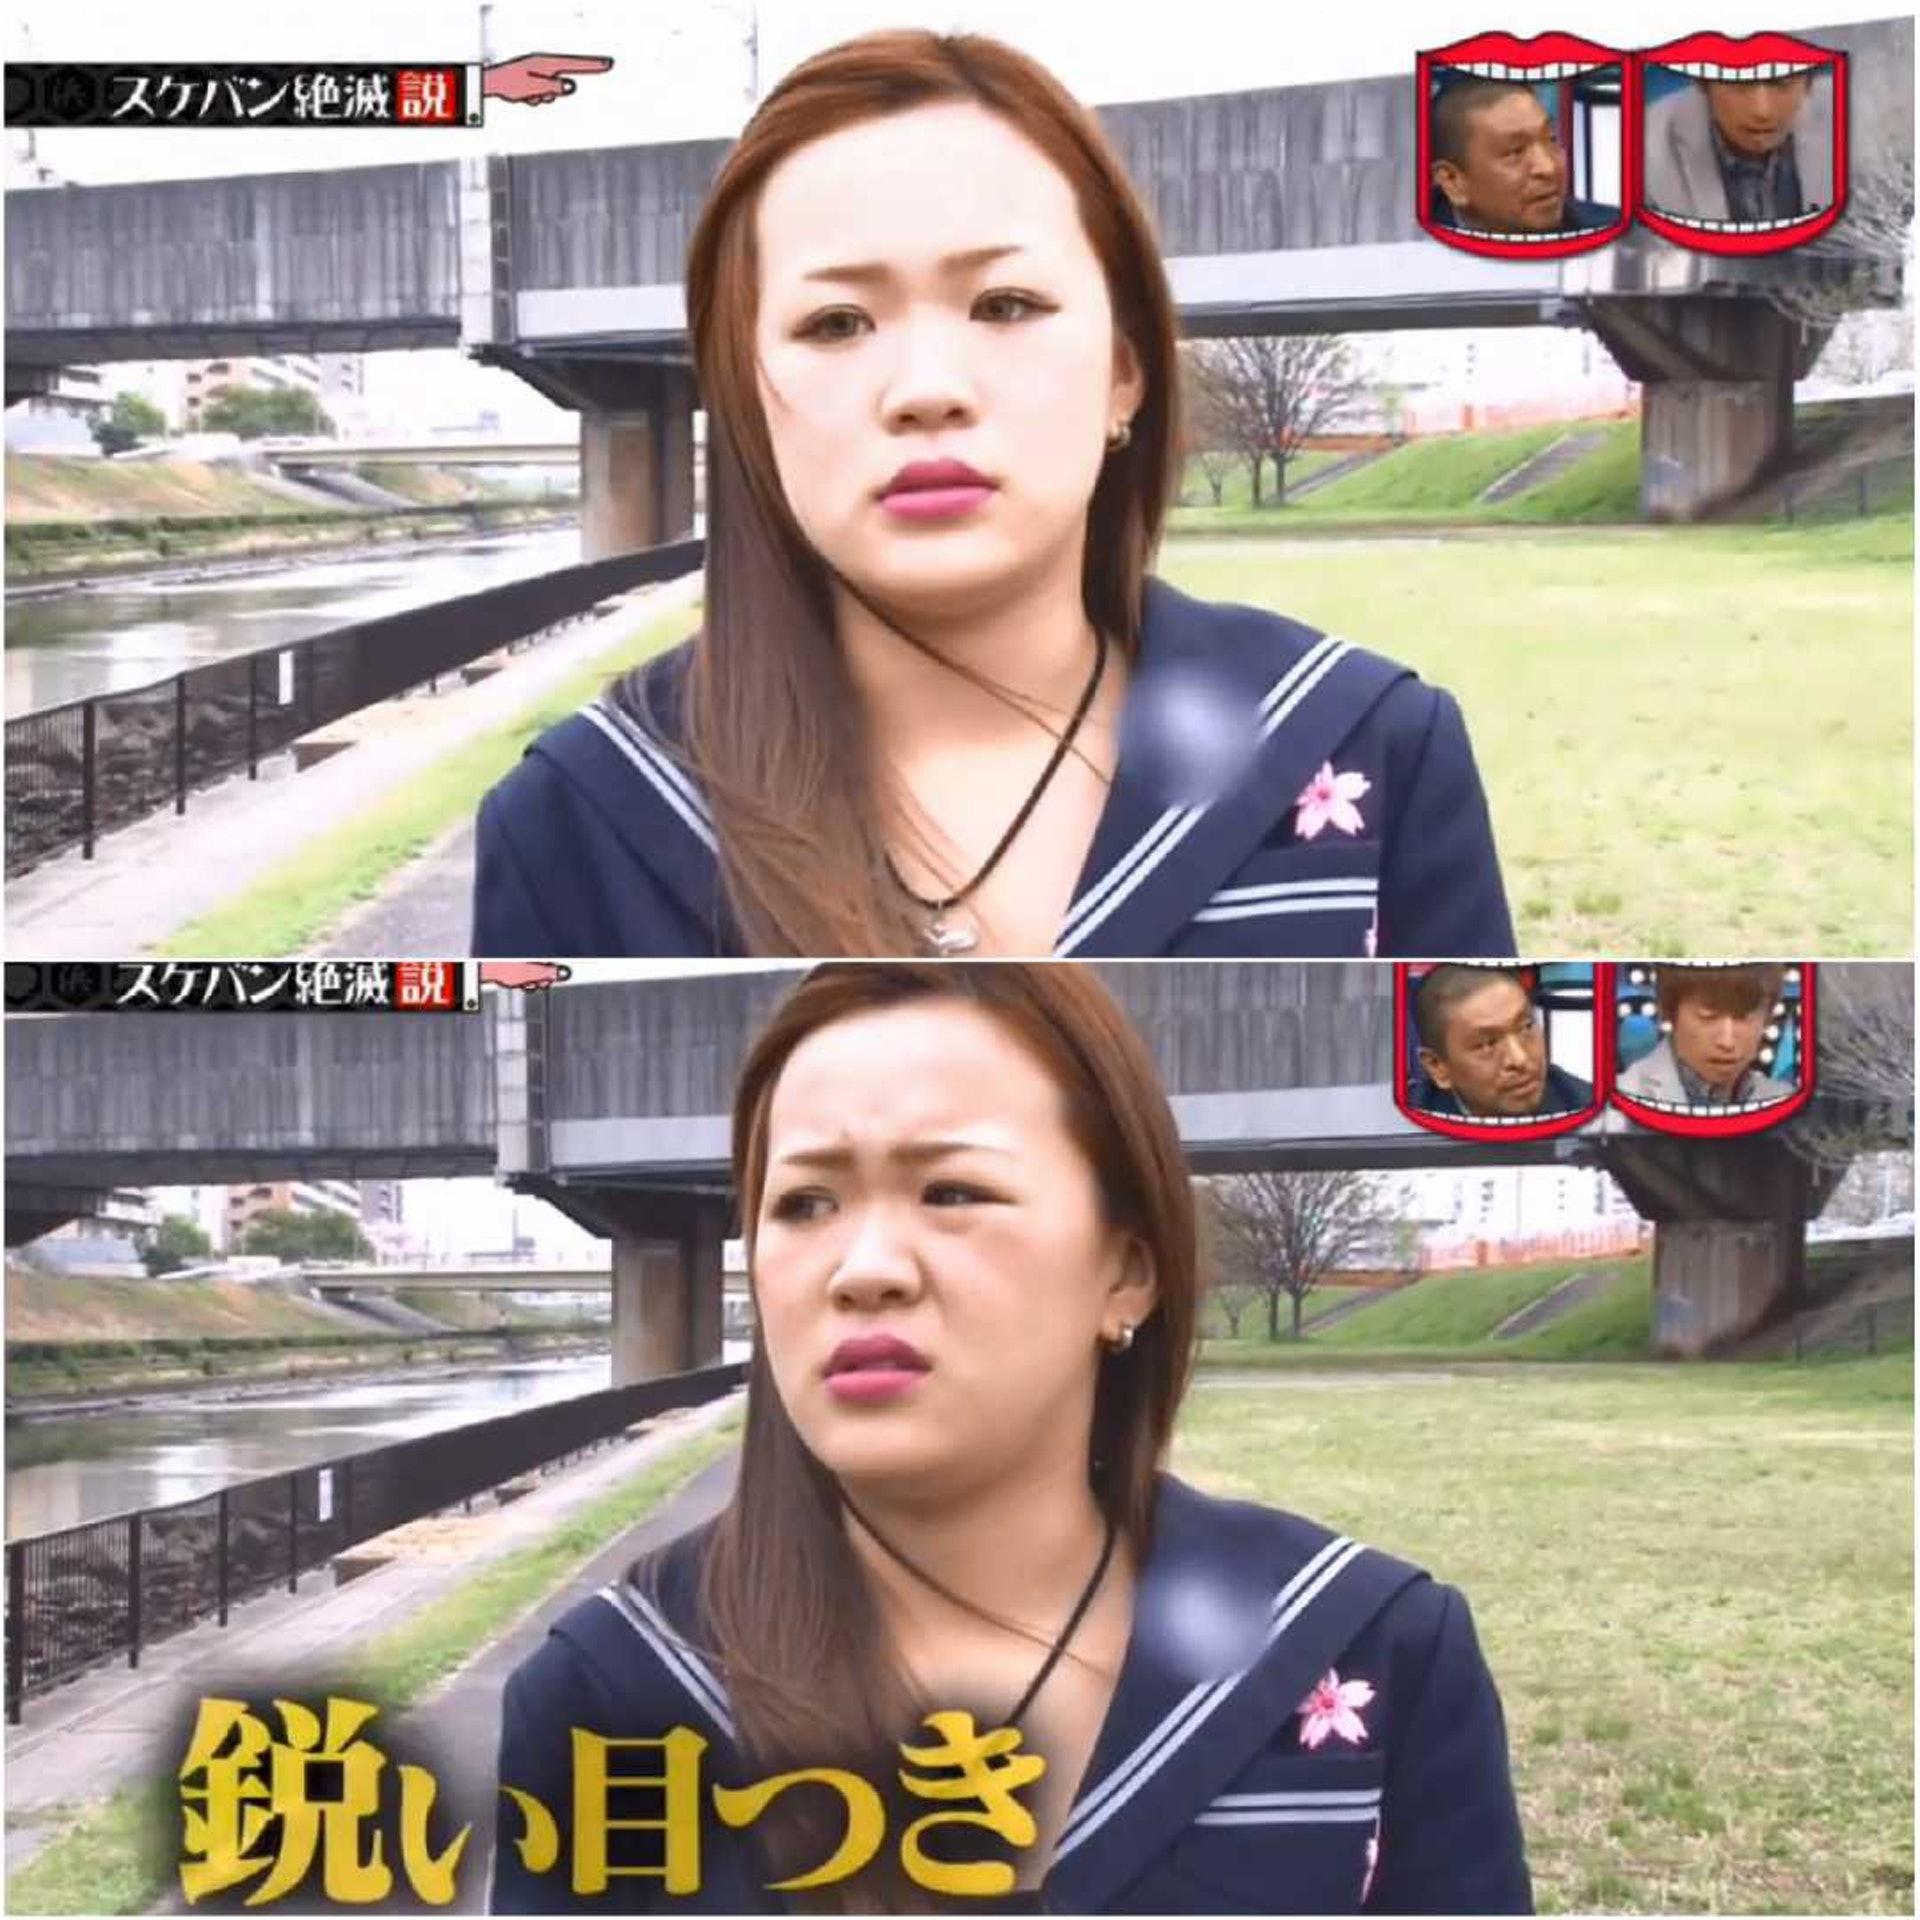 最後一個「琦玉紅蠍隊」成員!日本節目公開6年前不良少女近況 網驚:變化太大!